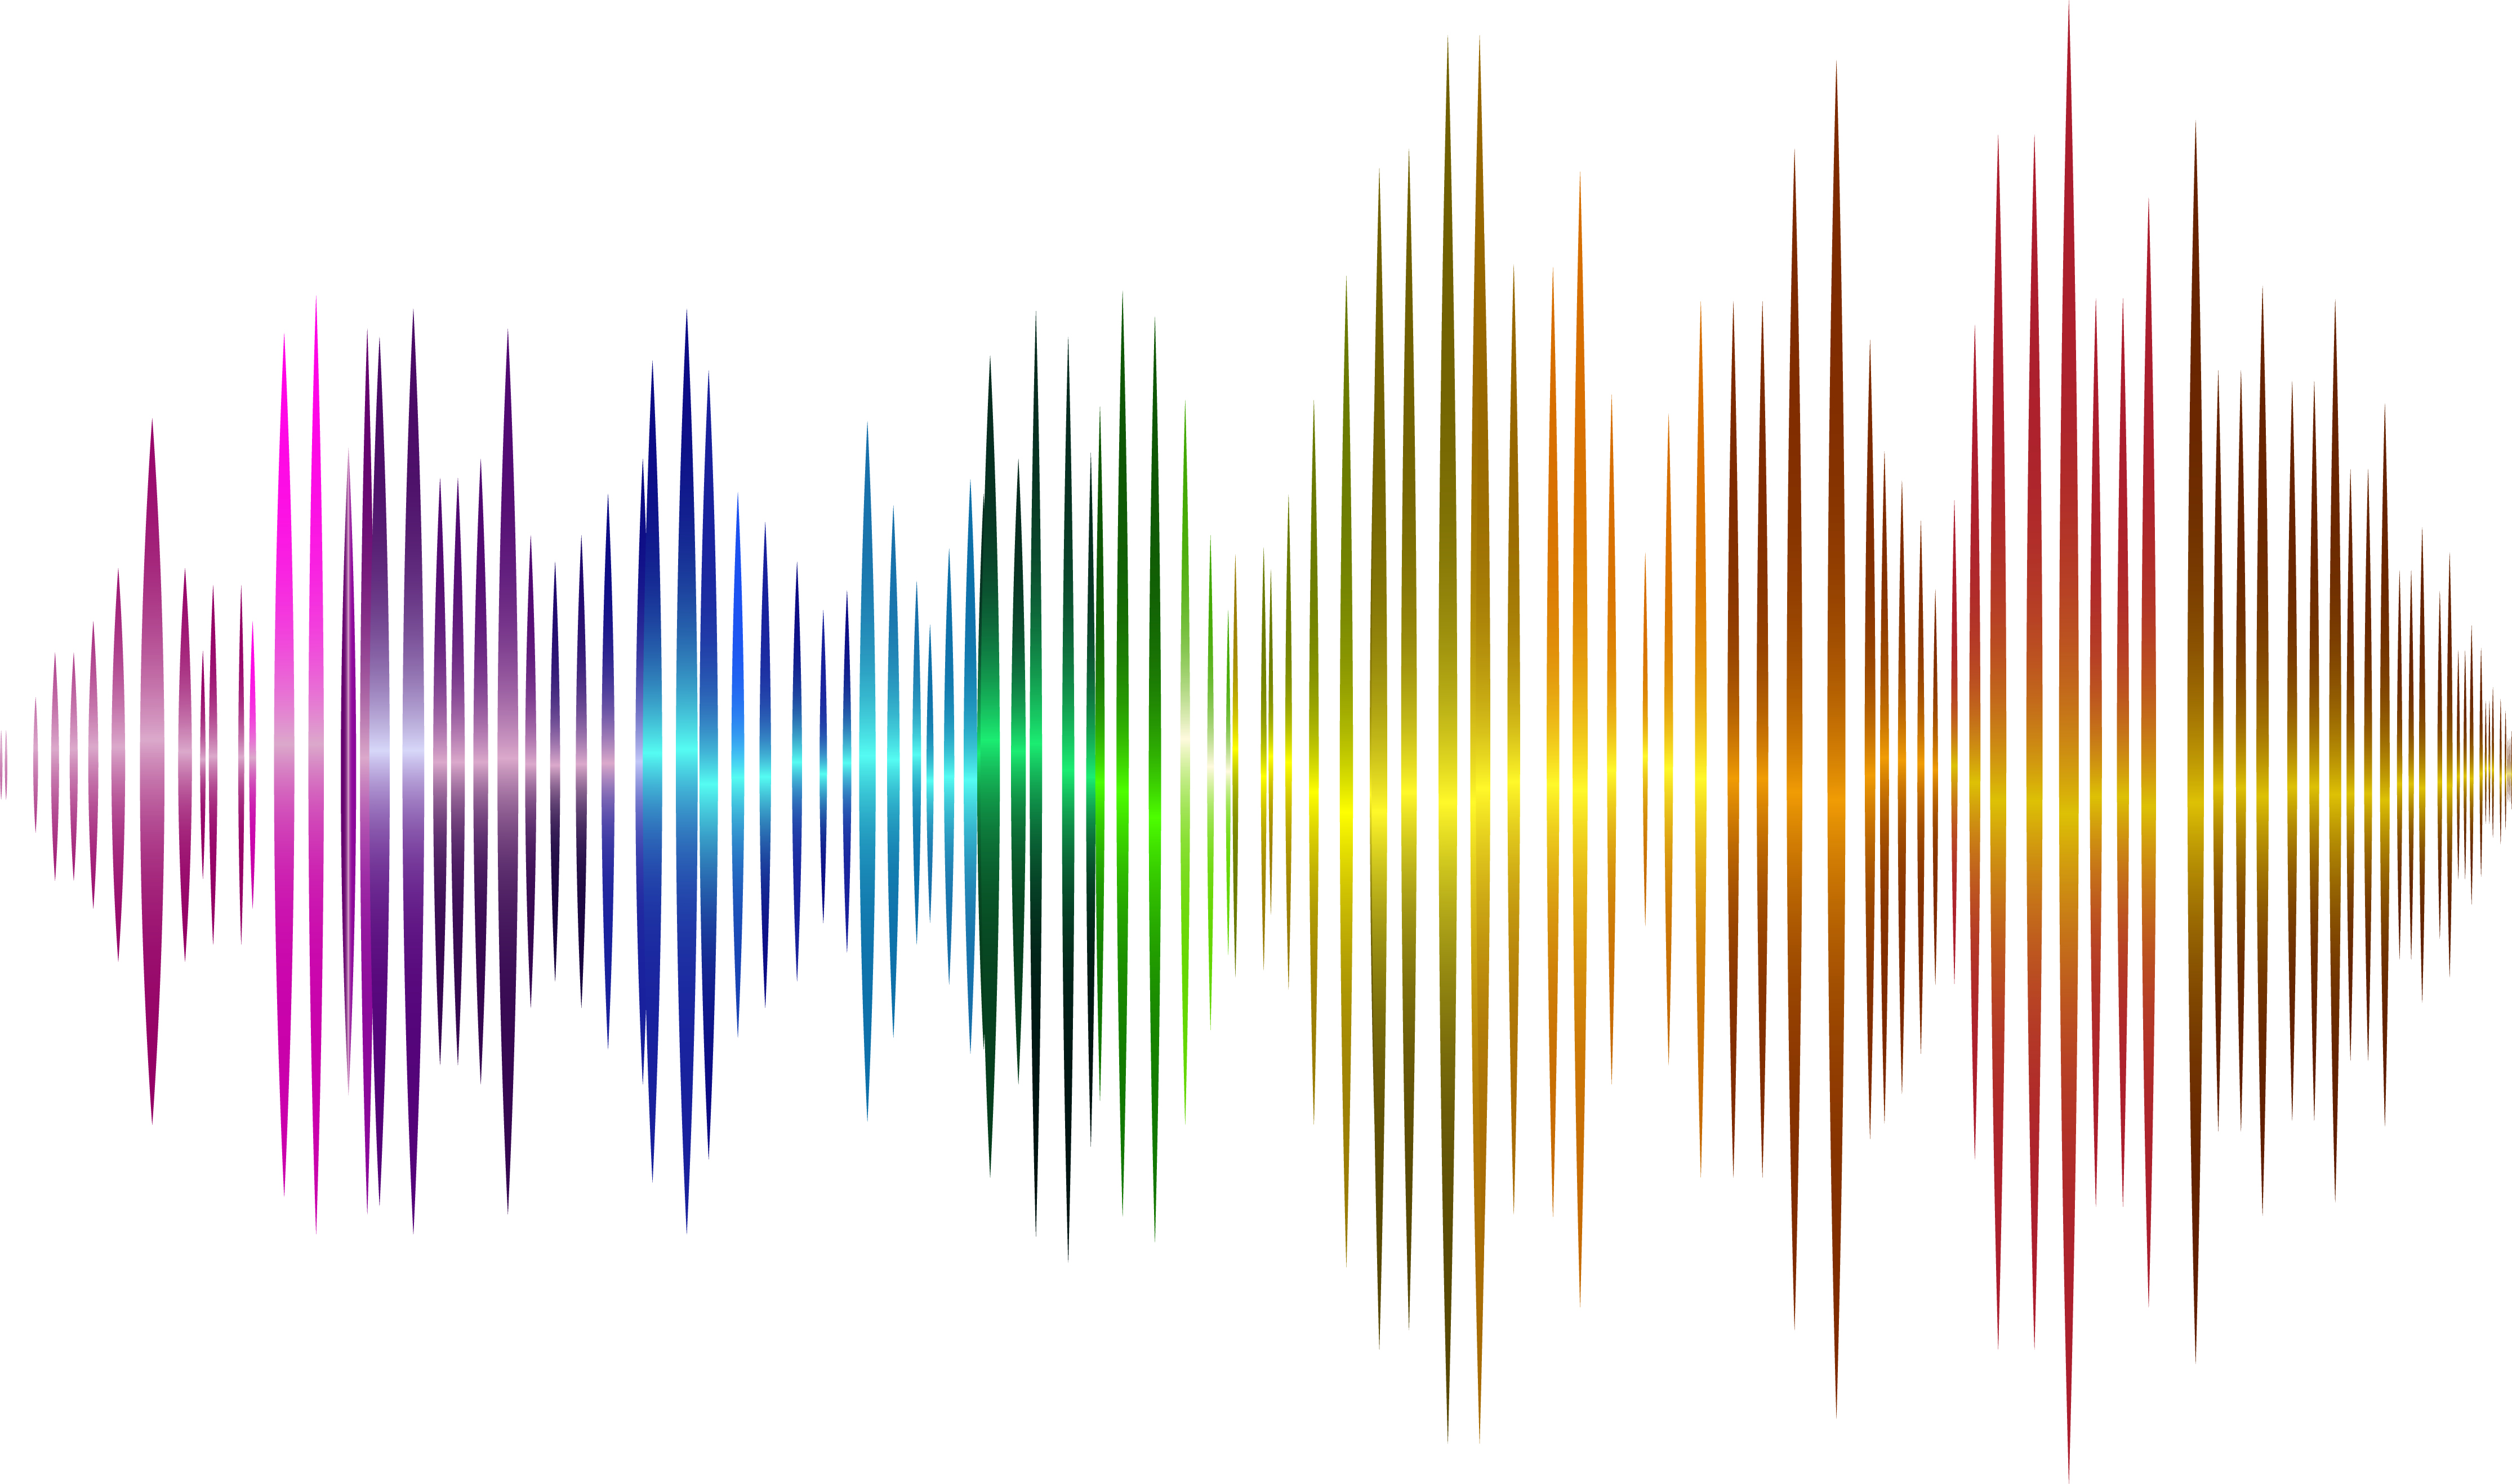 сумка звуковые волны картинка клиент, который